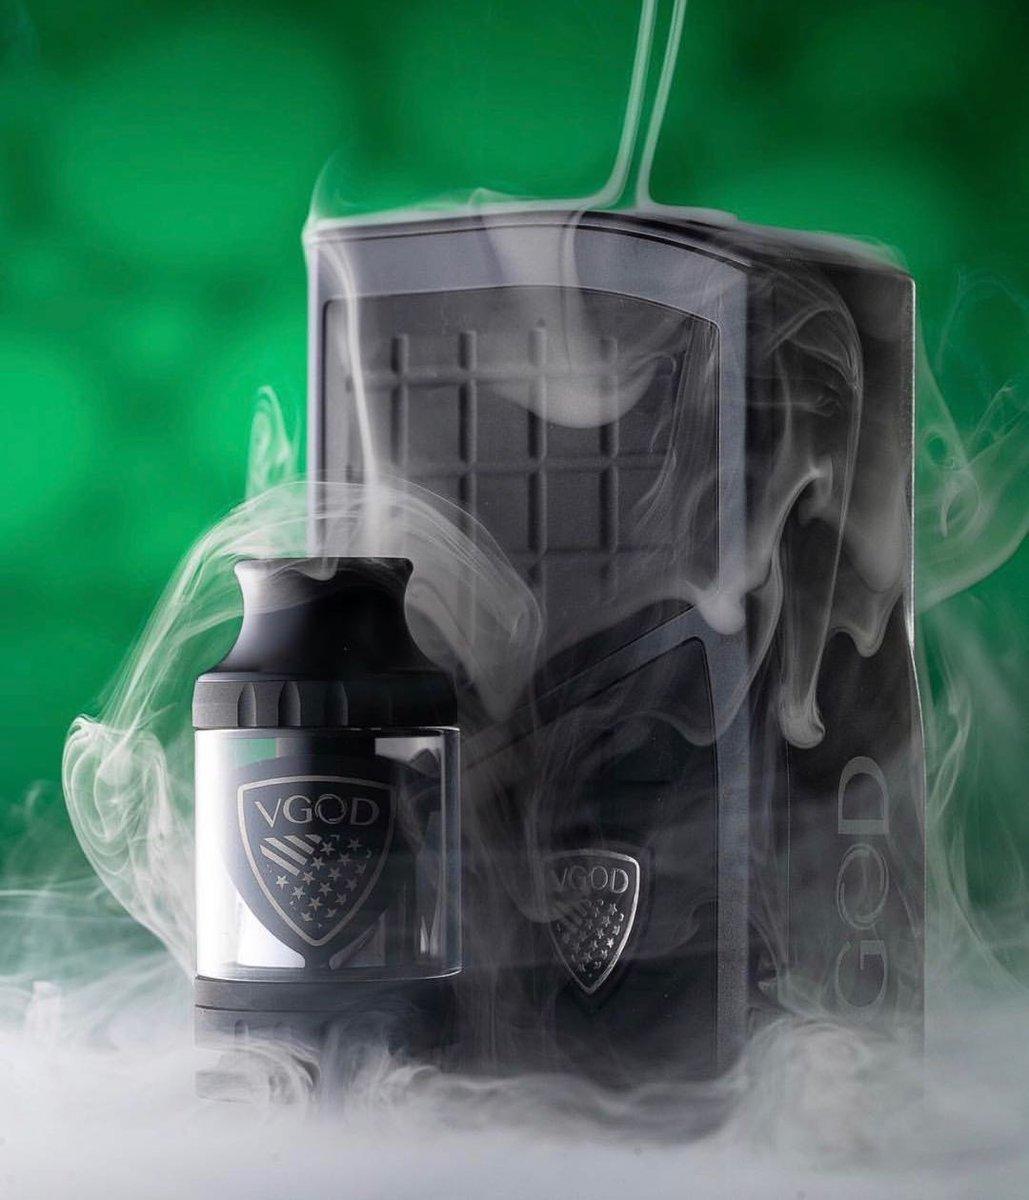 Auténtico VGOD Pro 200 Box Mod Kit, VGOD Pro Mod con Pro SubTank - TPD Complaint (no Nicotina): Amazon.es: Salud y cuidado personal